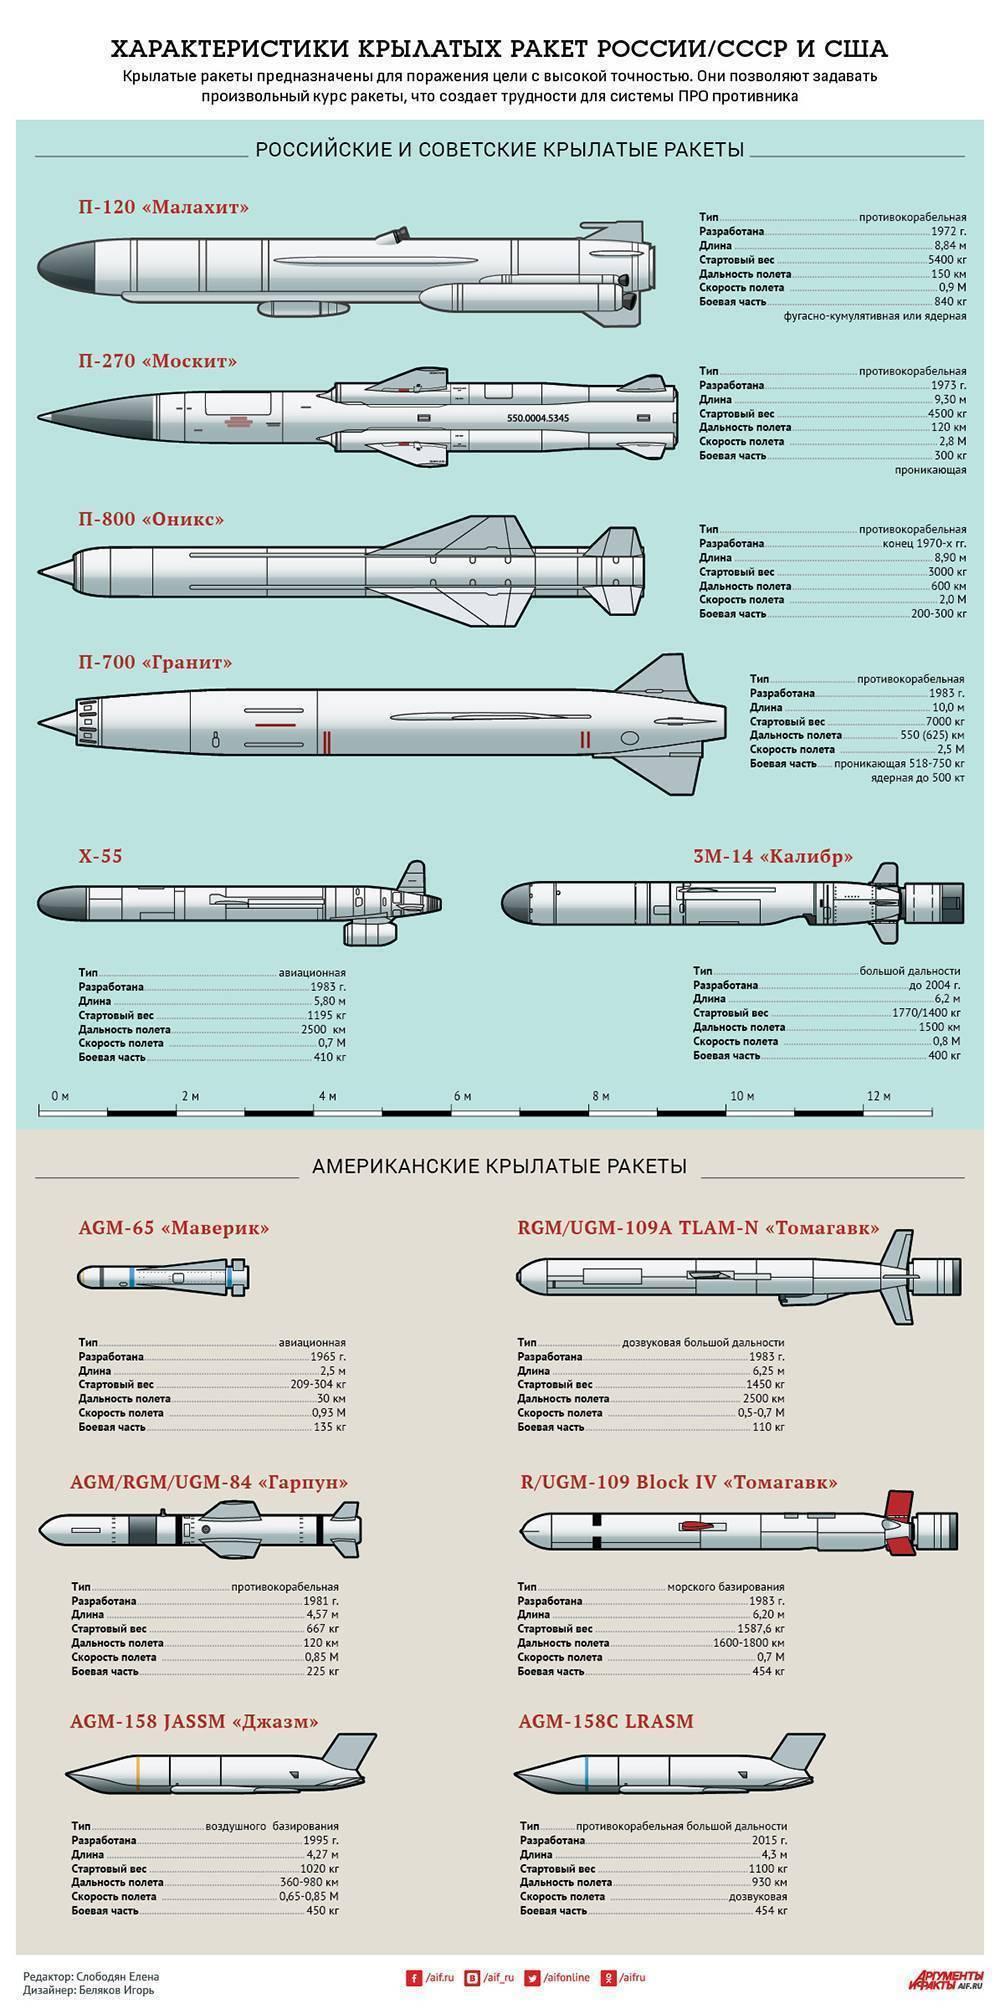 Бирюза (ракетный комплекс)